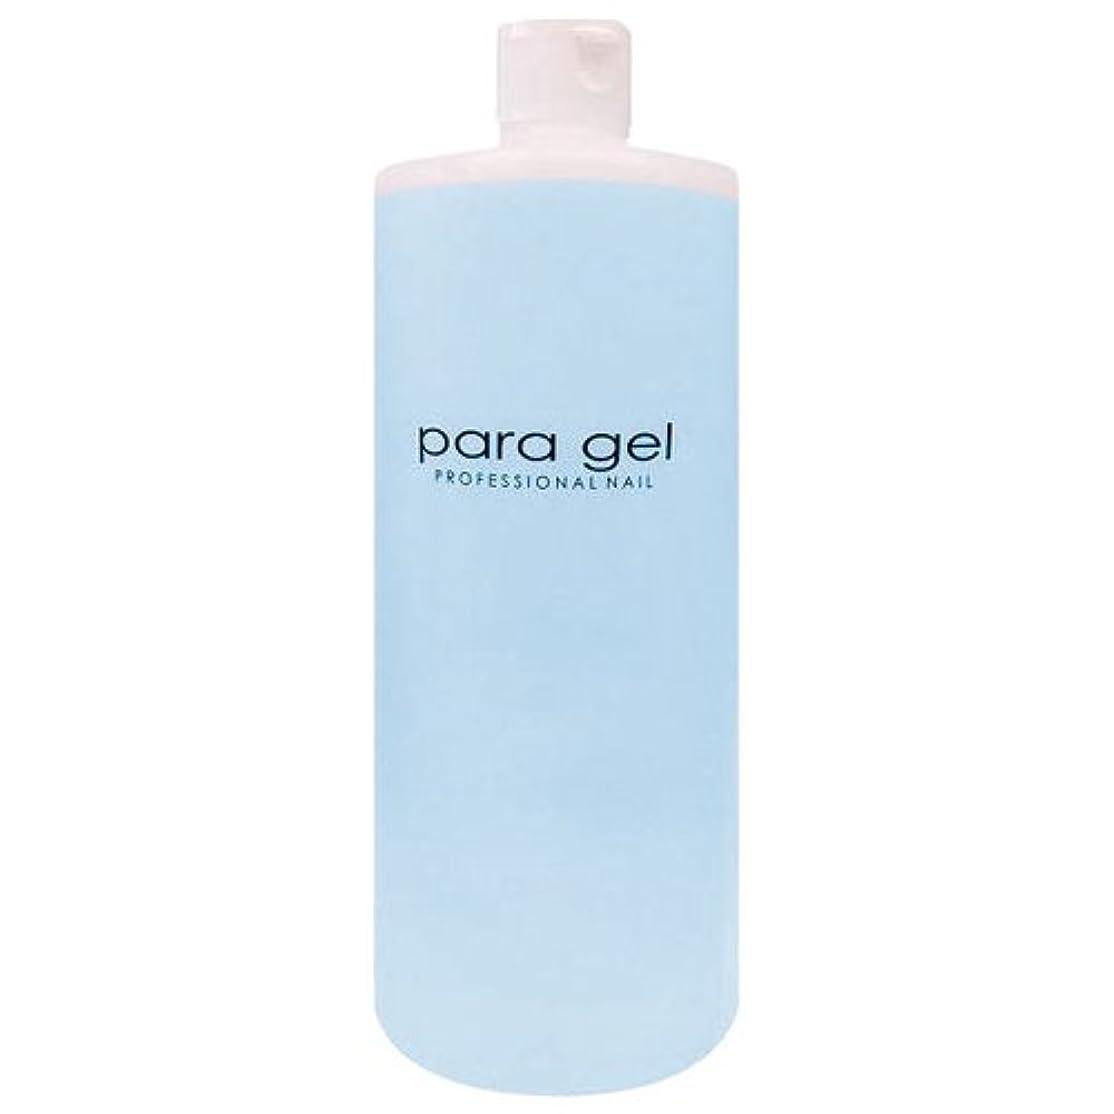 鷲おめでとうケーブルカーパラジェル(para gel) パラプレップ 1000ml